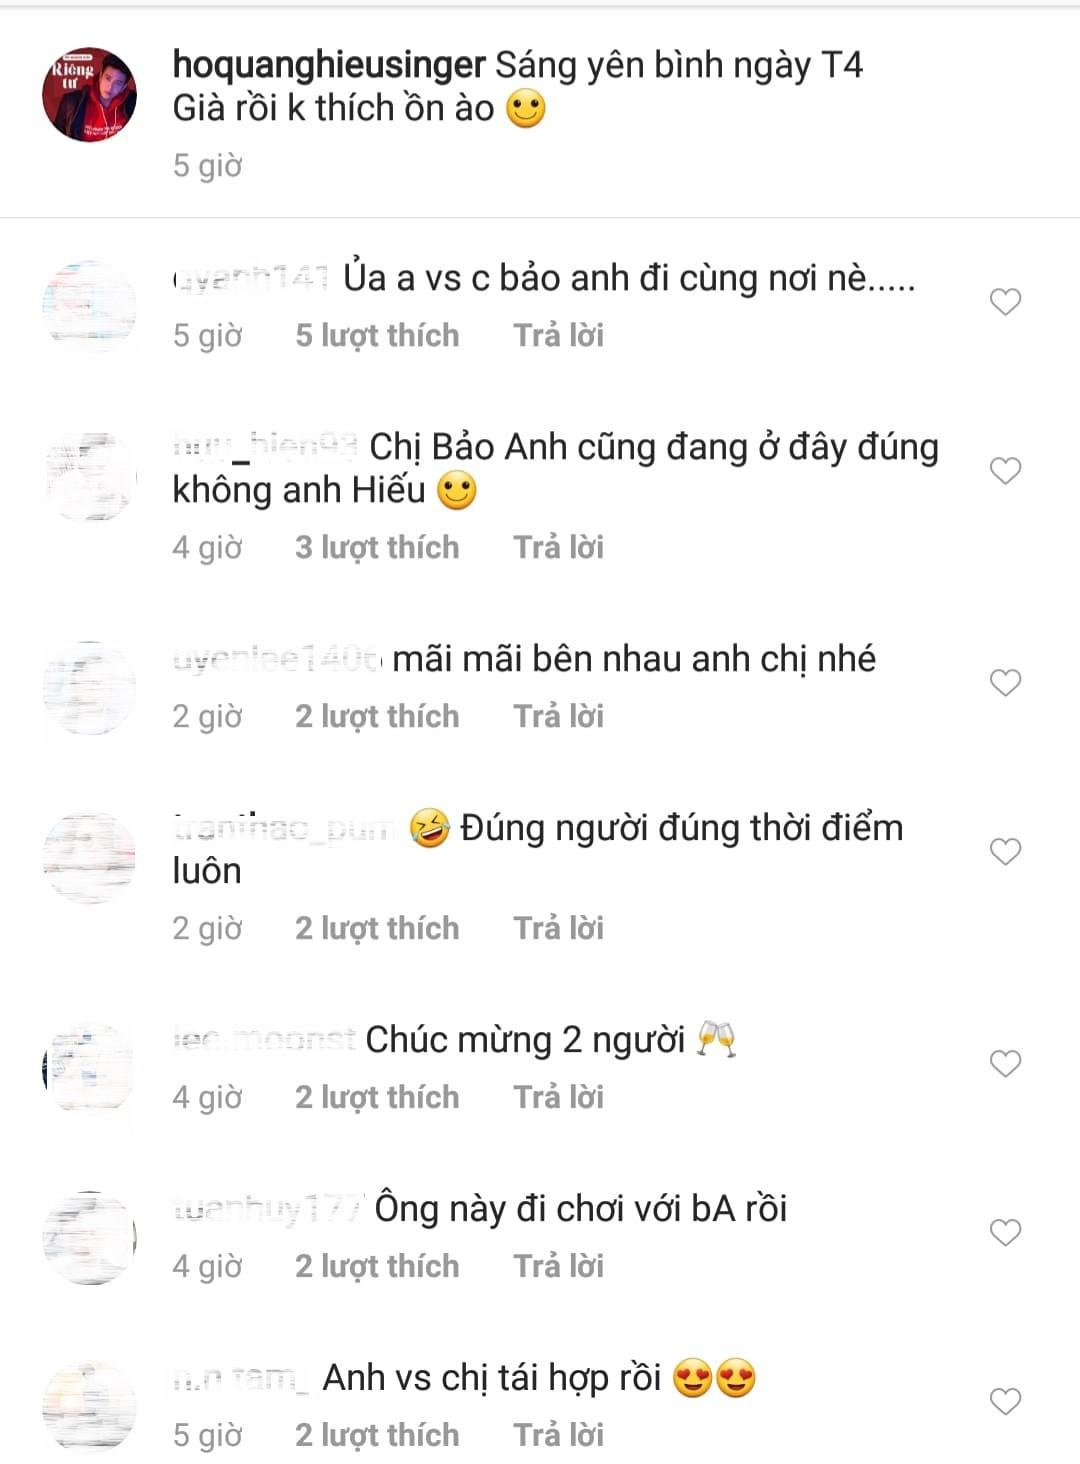 Mặc Bảo Anh ra sức phủ nhận, Hồ Quang Hiếu vẫn liên tục tung bằng chứng chứng minh hai người đang ở cùng nhau-5